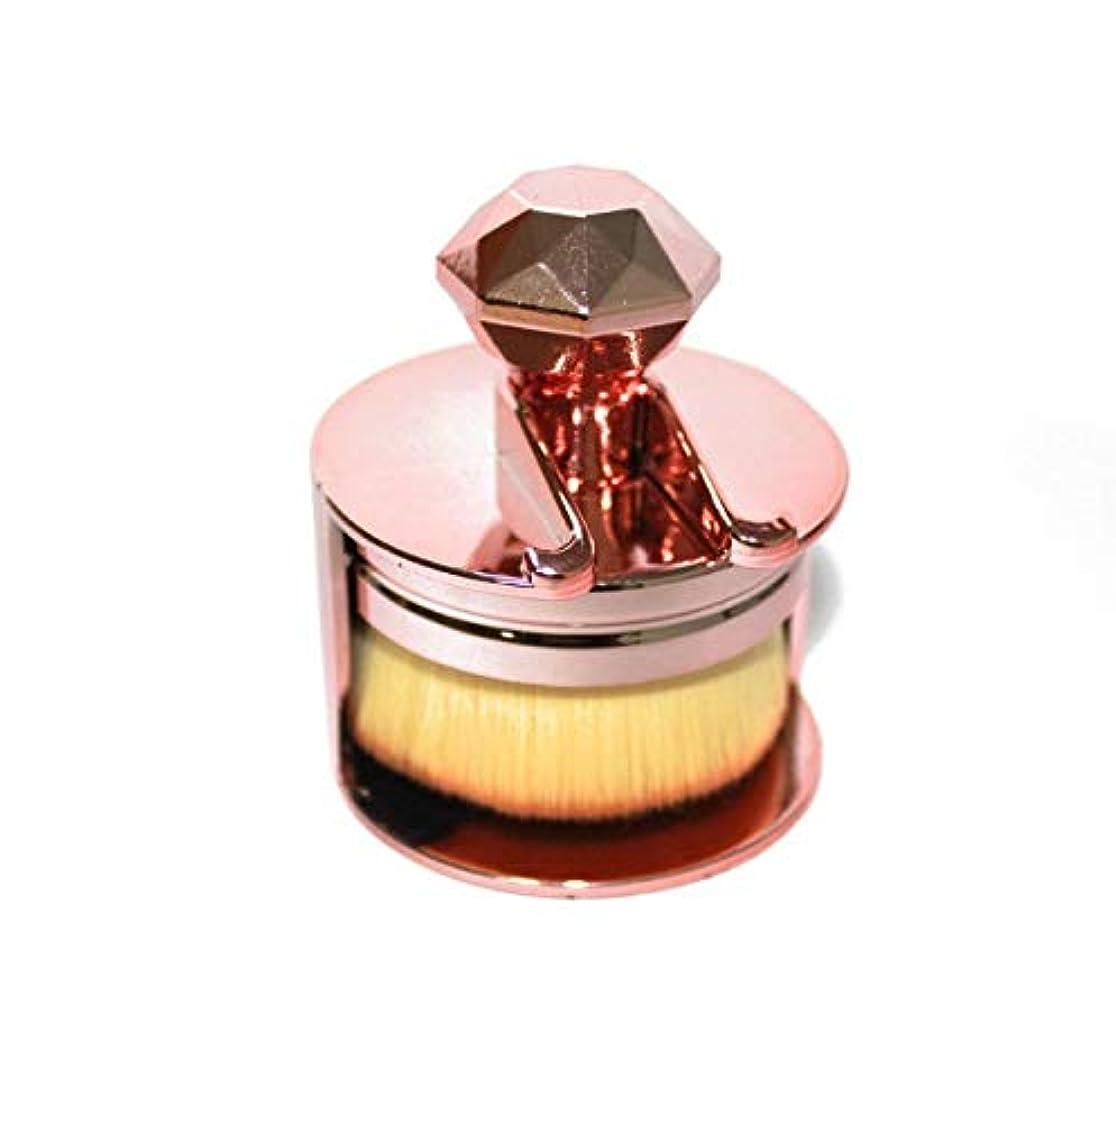 累積衝撃興奮する化粧ブラシ、シングルスタンプタイプファンデーションブラシ、プロの化粧ブラシ化粧ギフト (Color : ピンク)